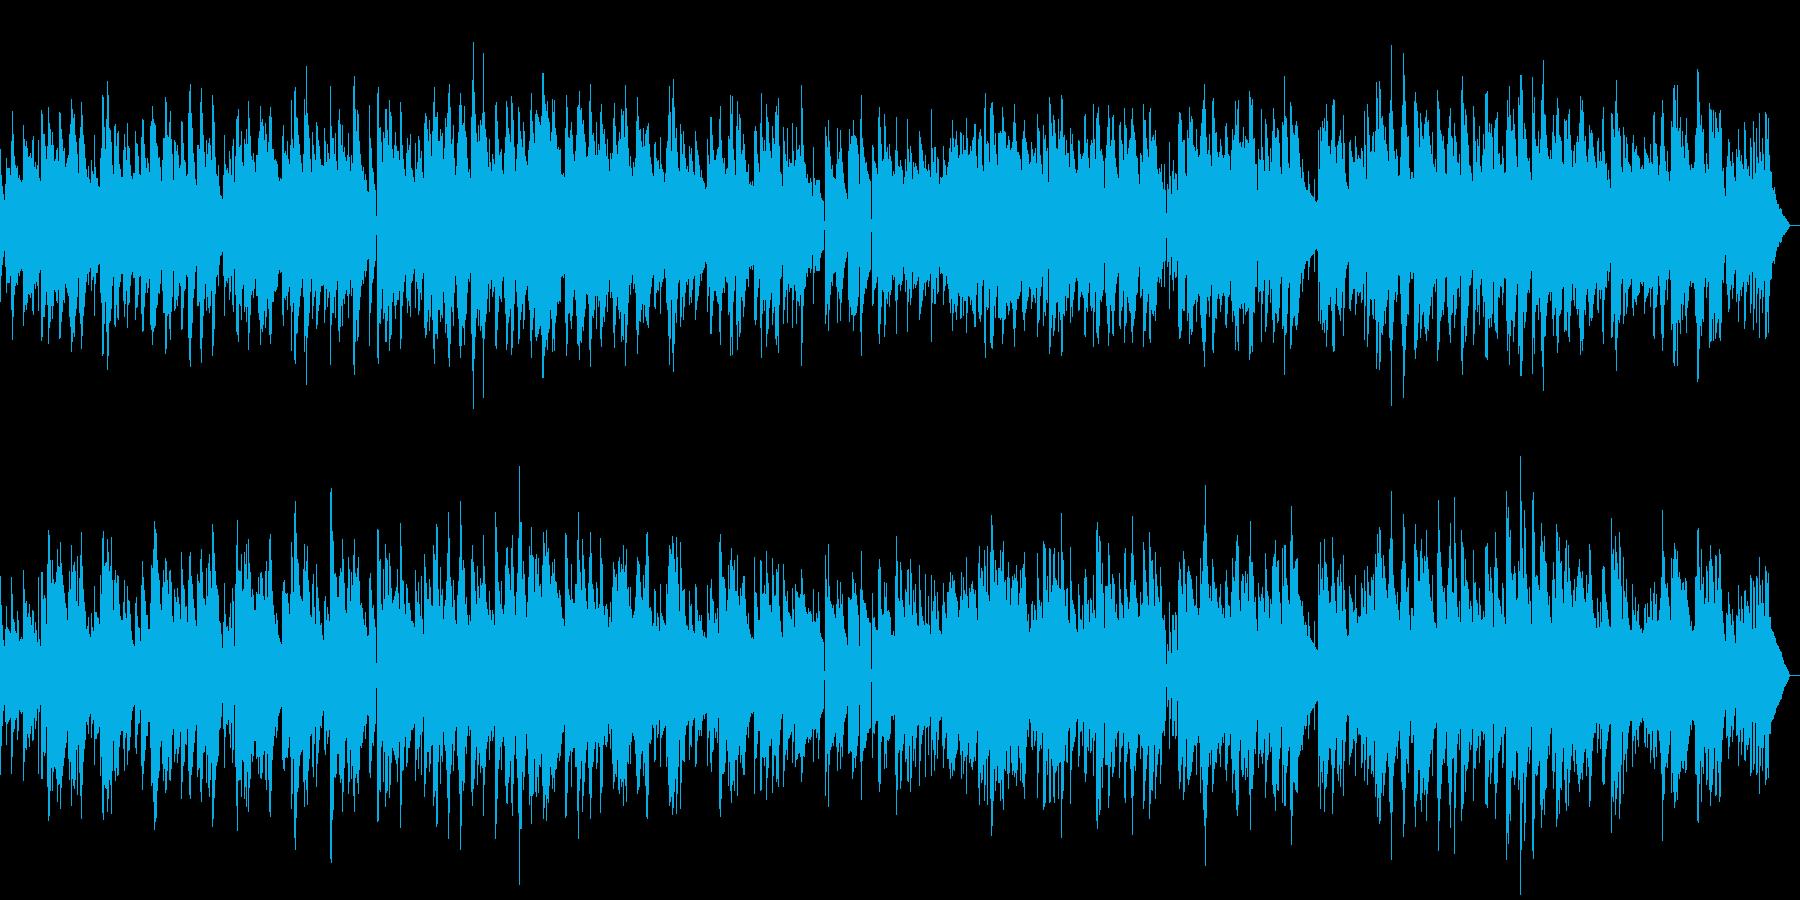 穏やかなピアノのバラードジャズの再生済みの波形